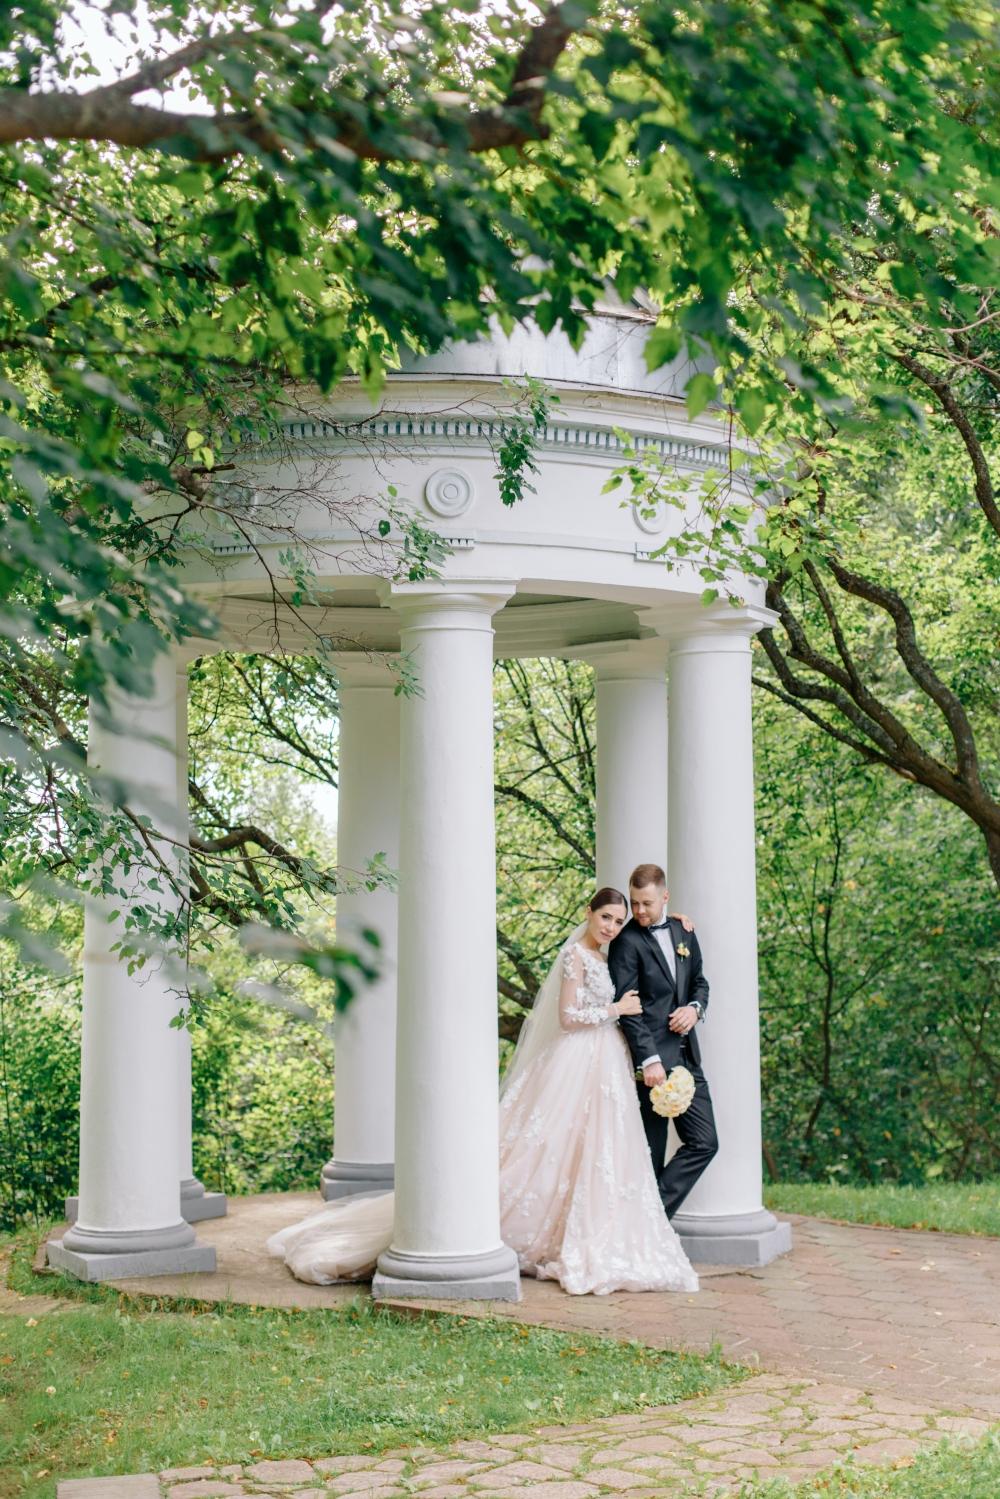 умиление остафьево свадебные фото хочу